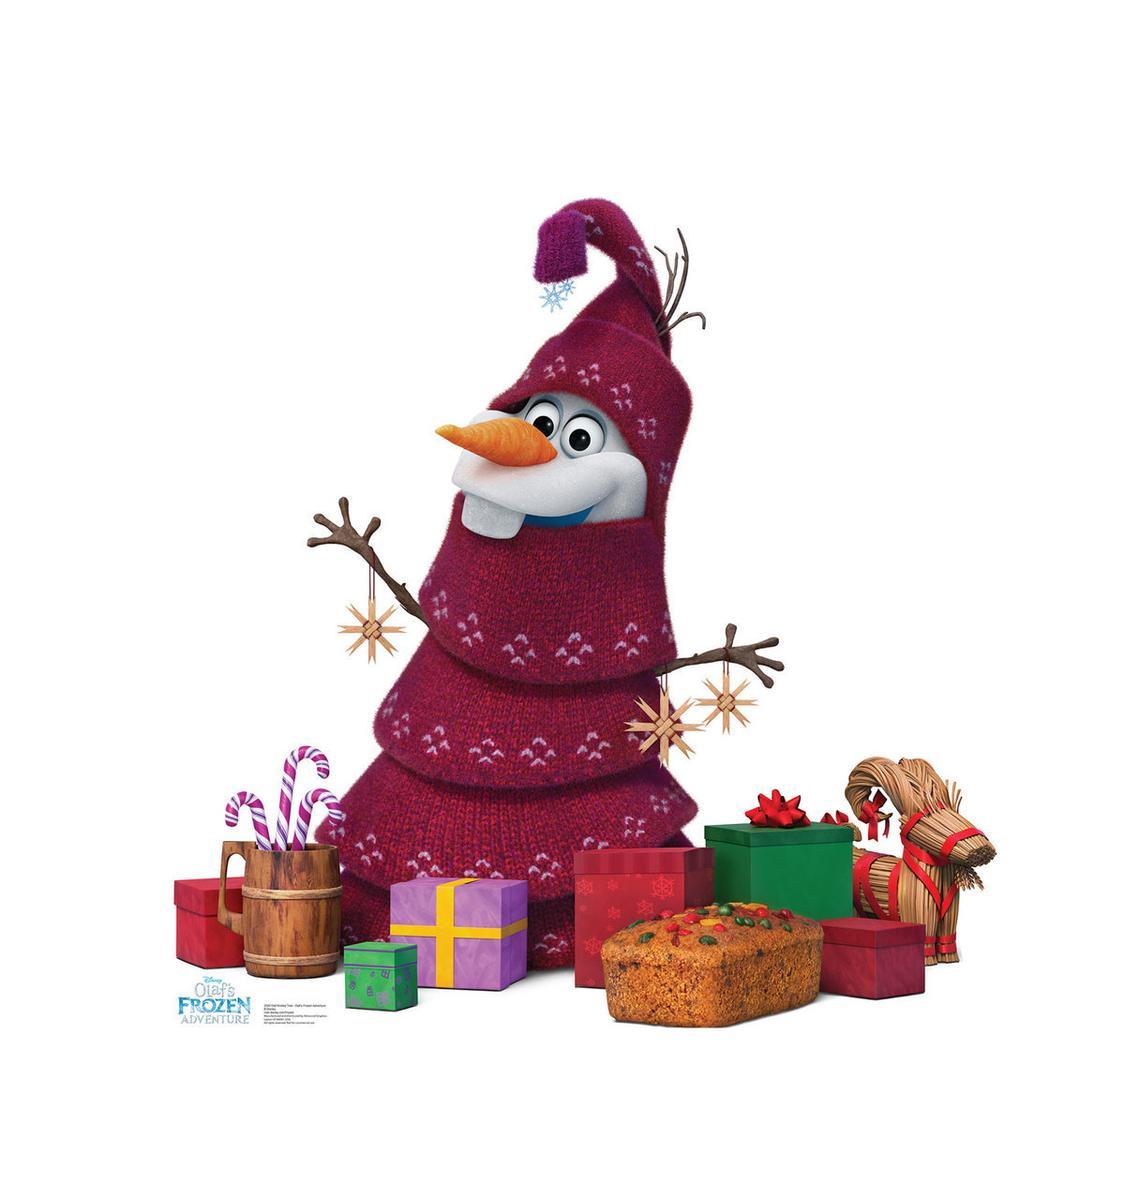 オラフ 等身大パネル アナと雪の女王 家族の思い出 グッズ インテリア 部屋 デコレーション 飾り 装飾